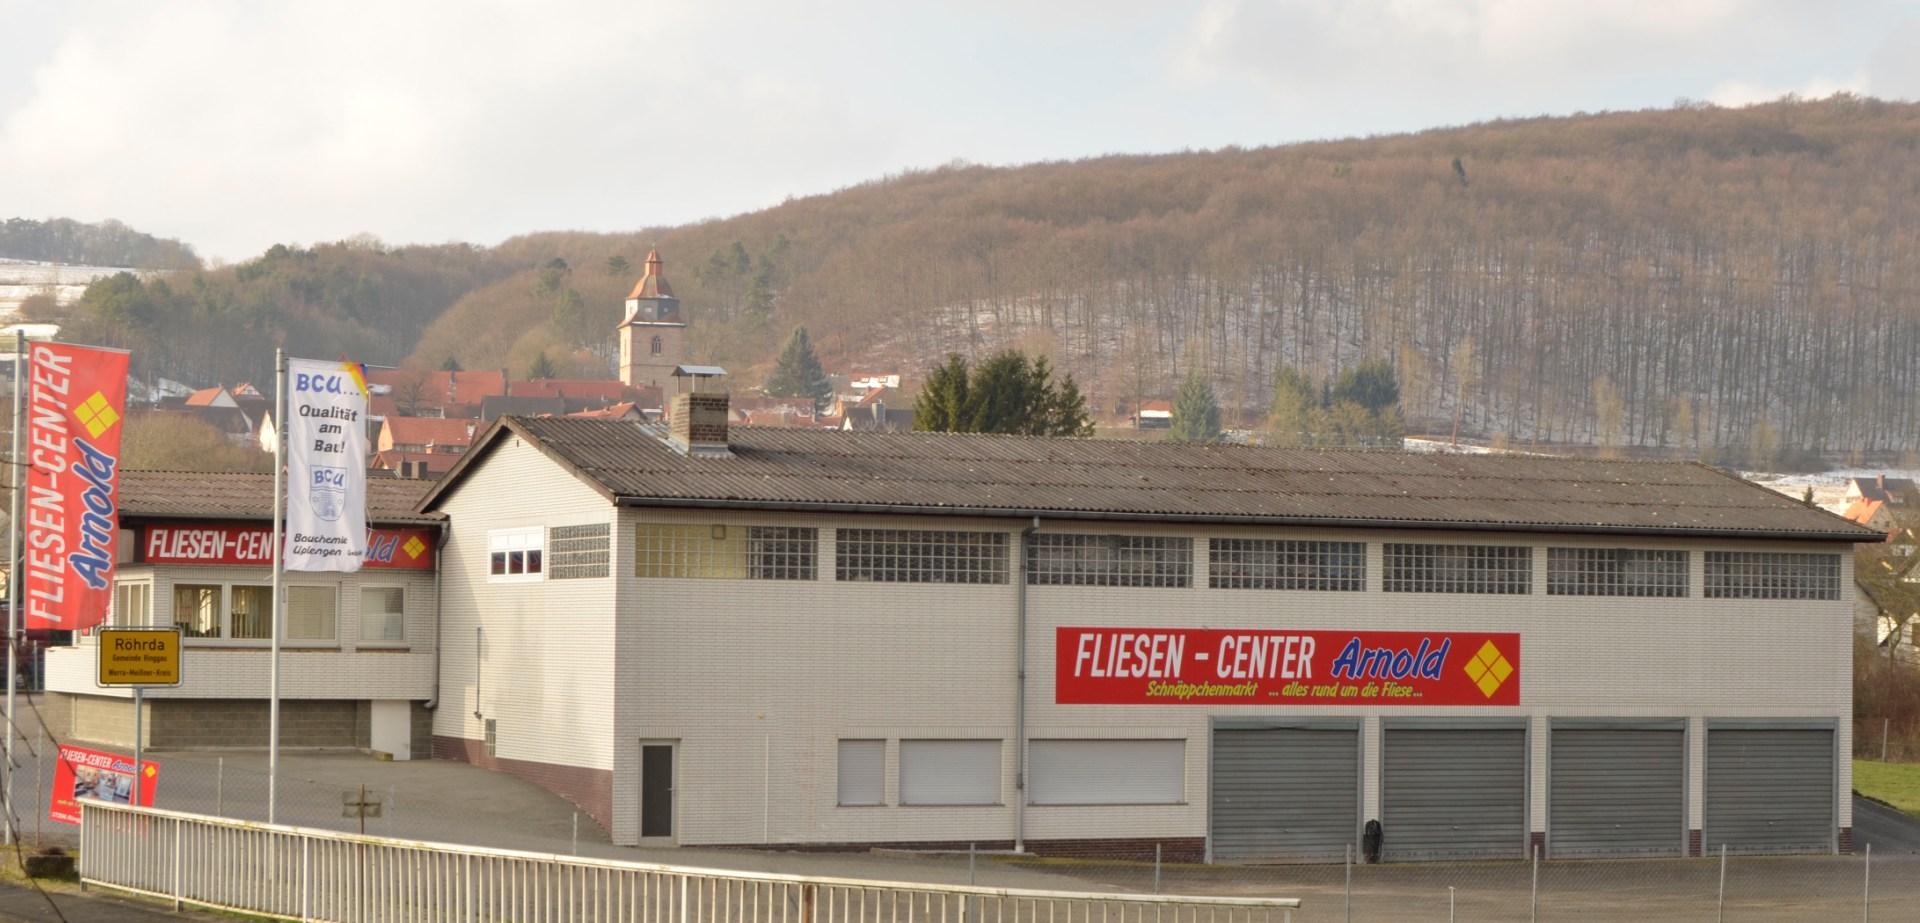 Fliesen Center Arnold Halle in Ringgau Röhrda